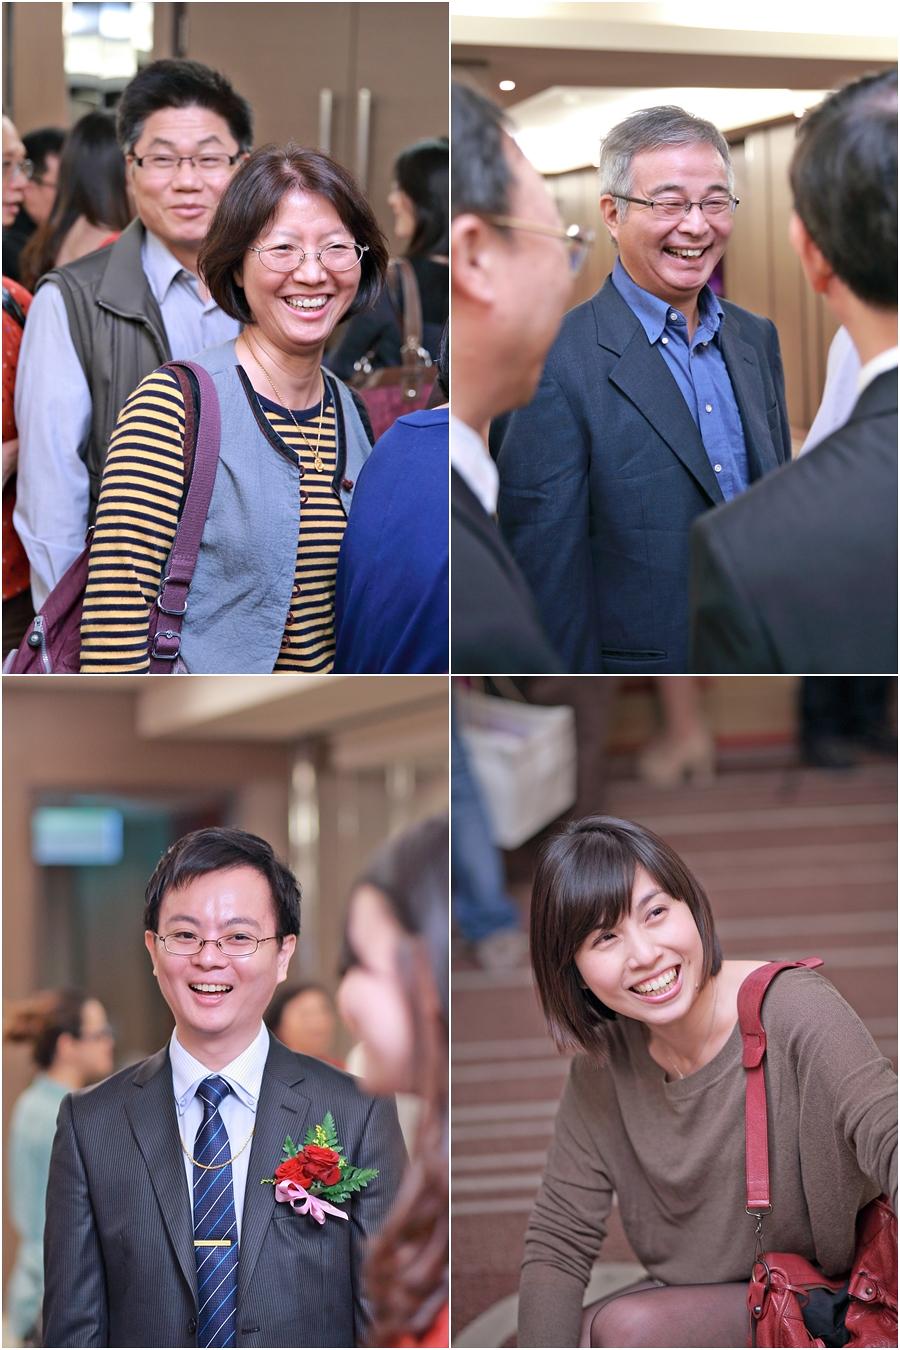 婚攝推薦,婚攝,婚禮記錄,搖滾雙魚,台北福華大飯店店,婚禮攝影